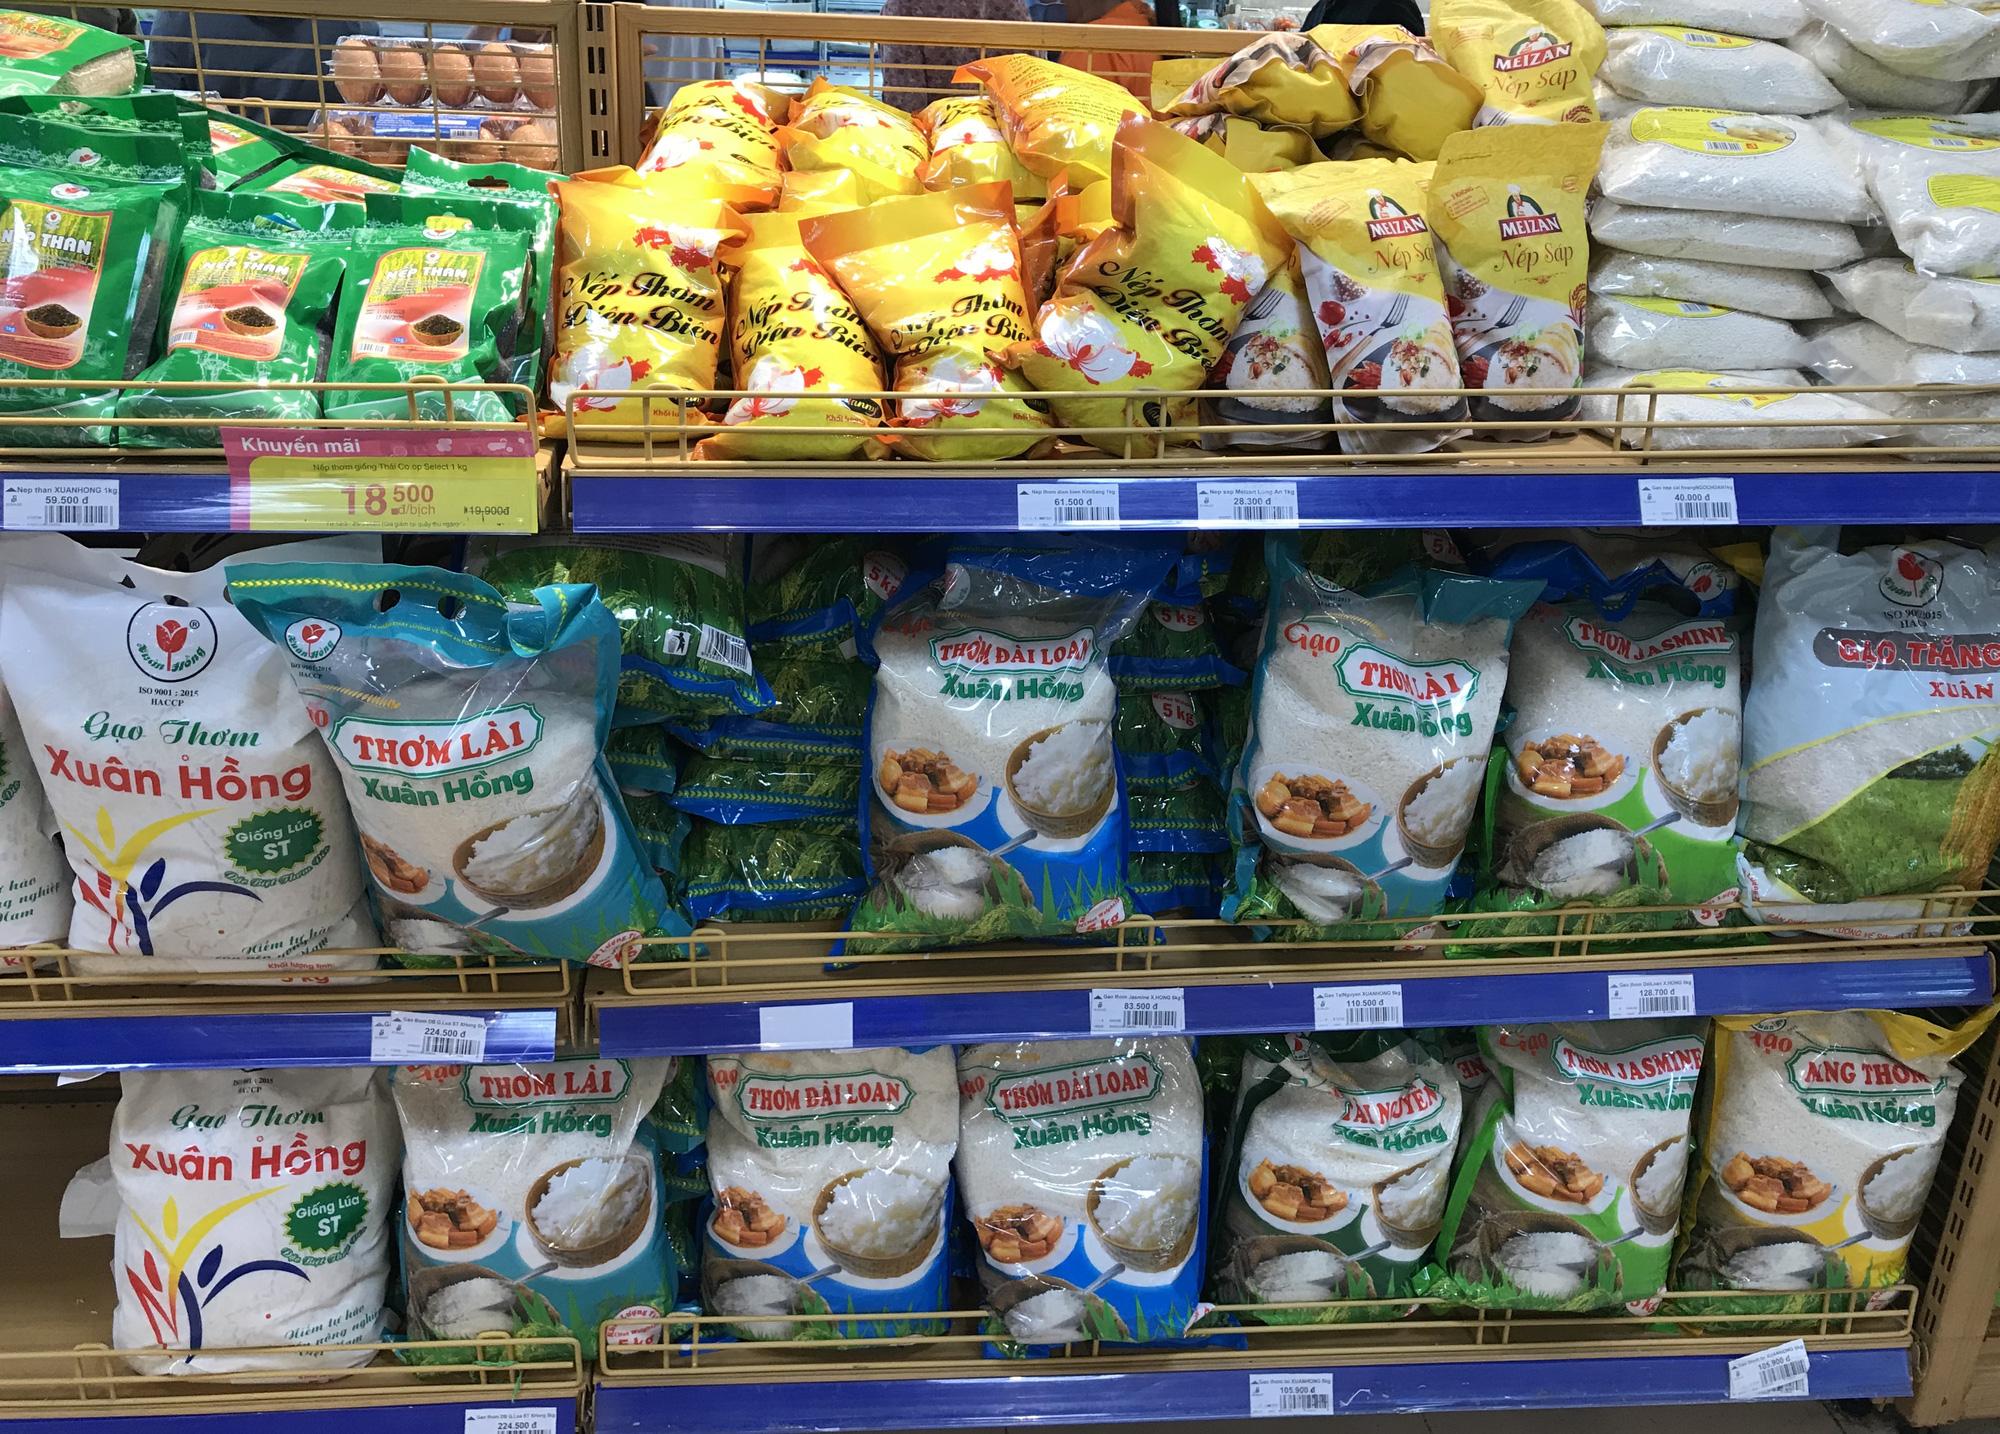 Đề nghị dừng xuất khẩu gạo tẻ thường đến giữa tháng 6 vì dịch Covid-19 - Ảnh 2.